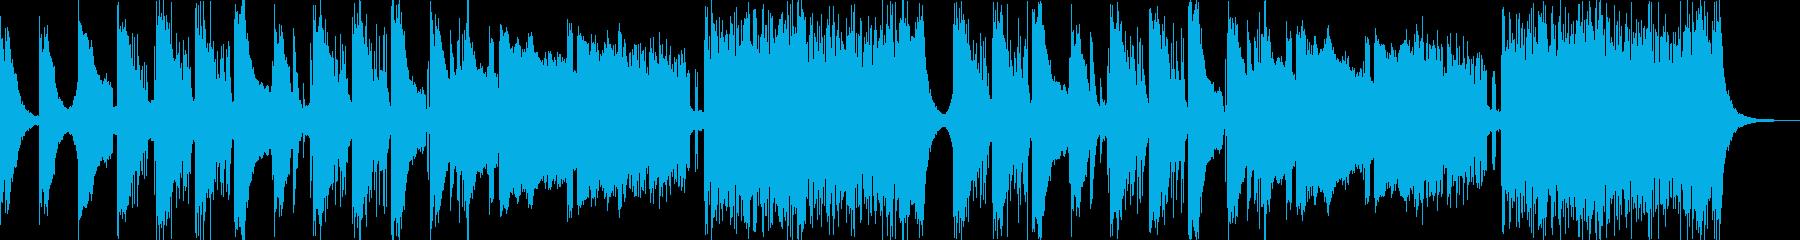 重苦しくてちょっと変な声が入る曲の再生済みの波形